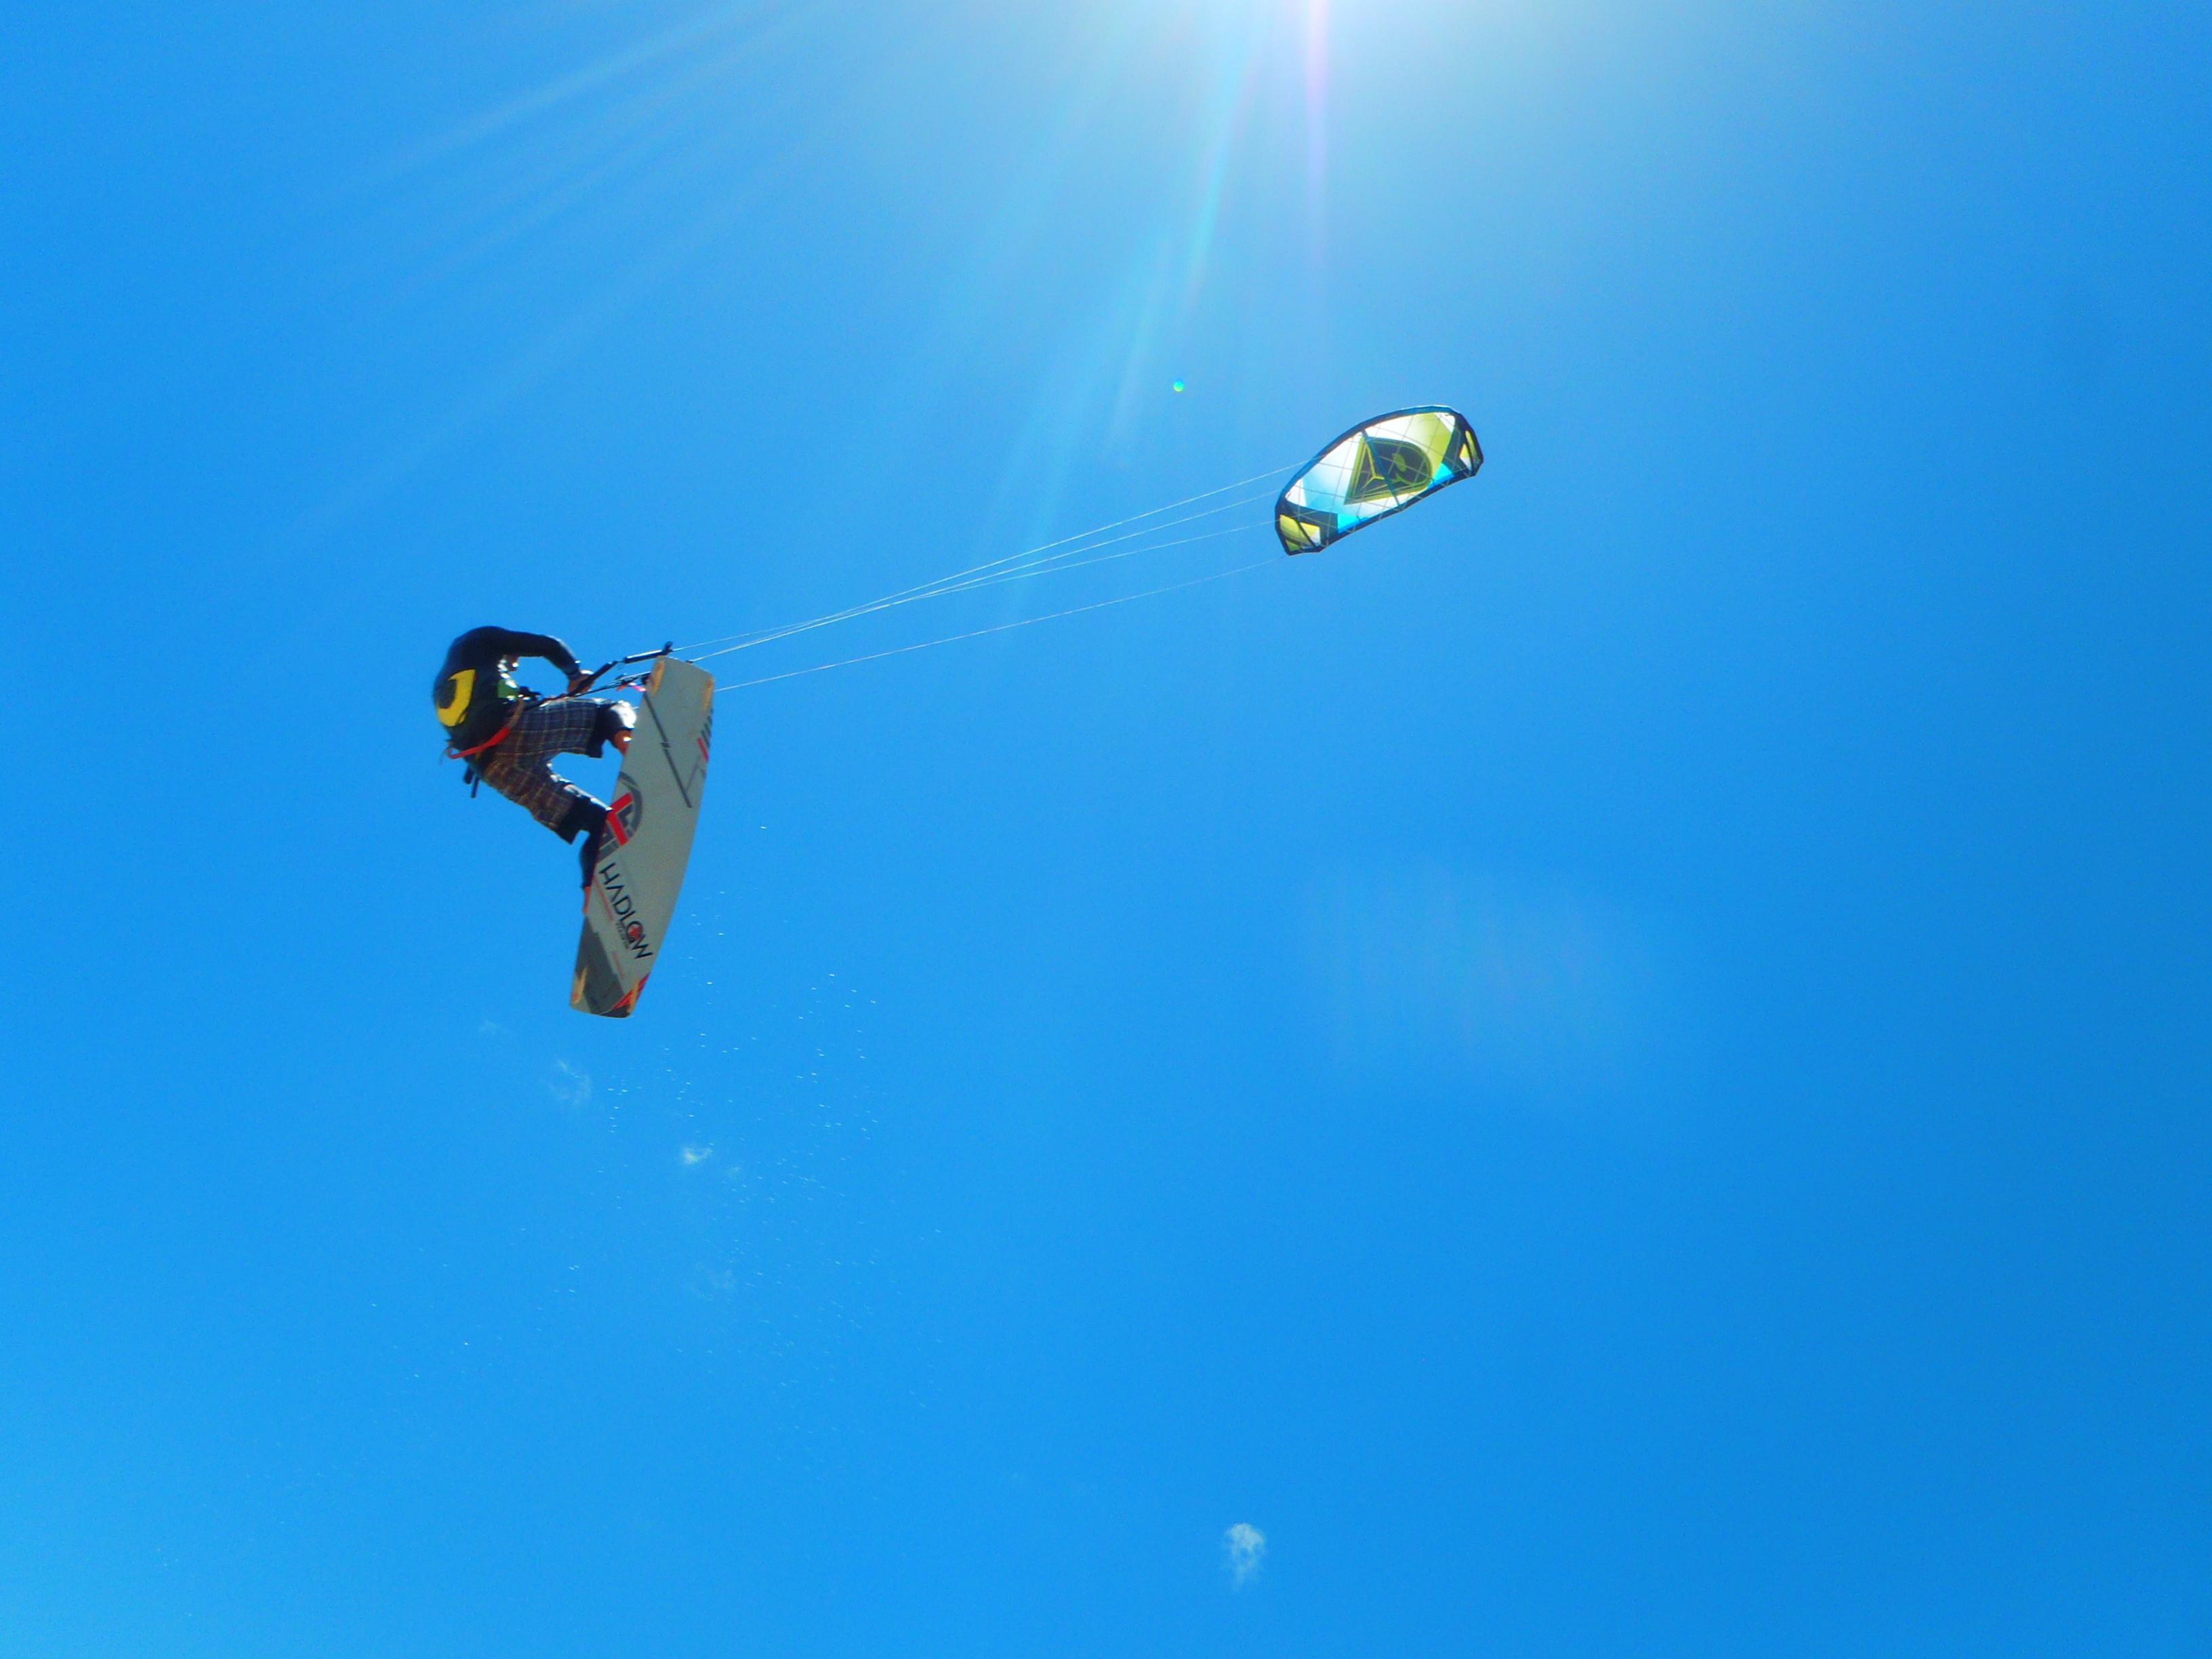 Swing Kiteboarding - Gamtoos 10